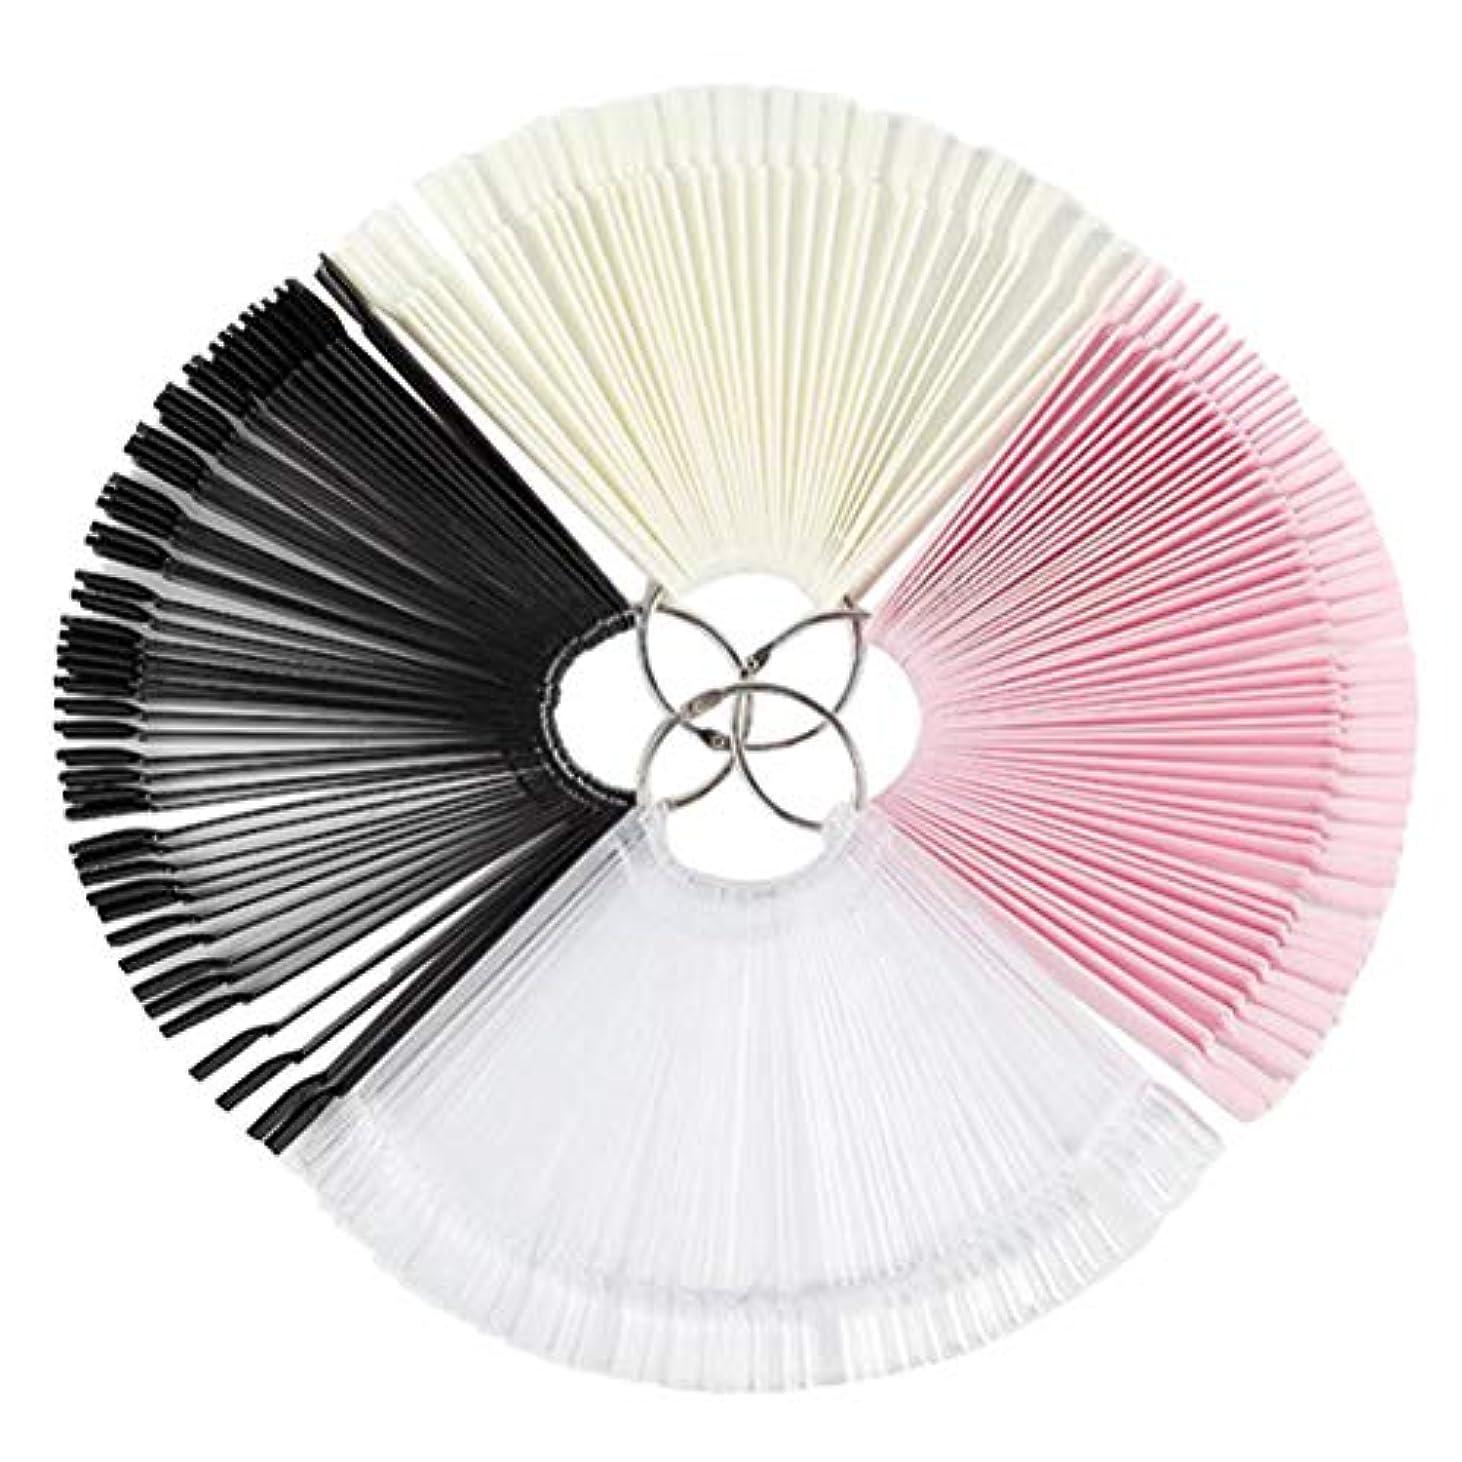 ネイルアート50枚/ 4枚のための扇形のネイル見本のマニキュアカラーディスプレイのヒント